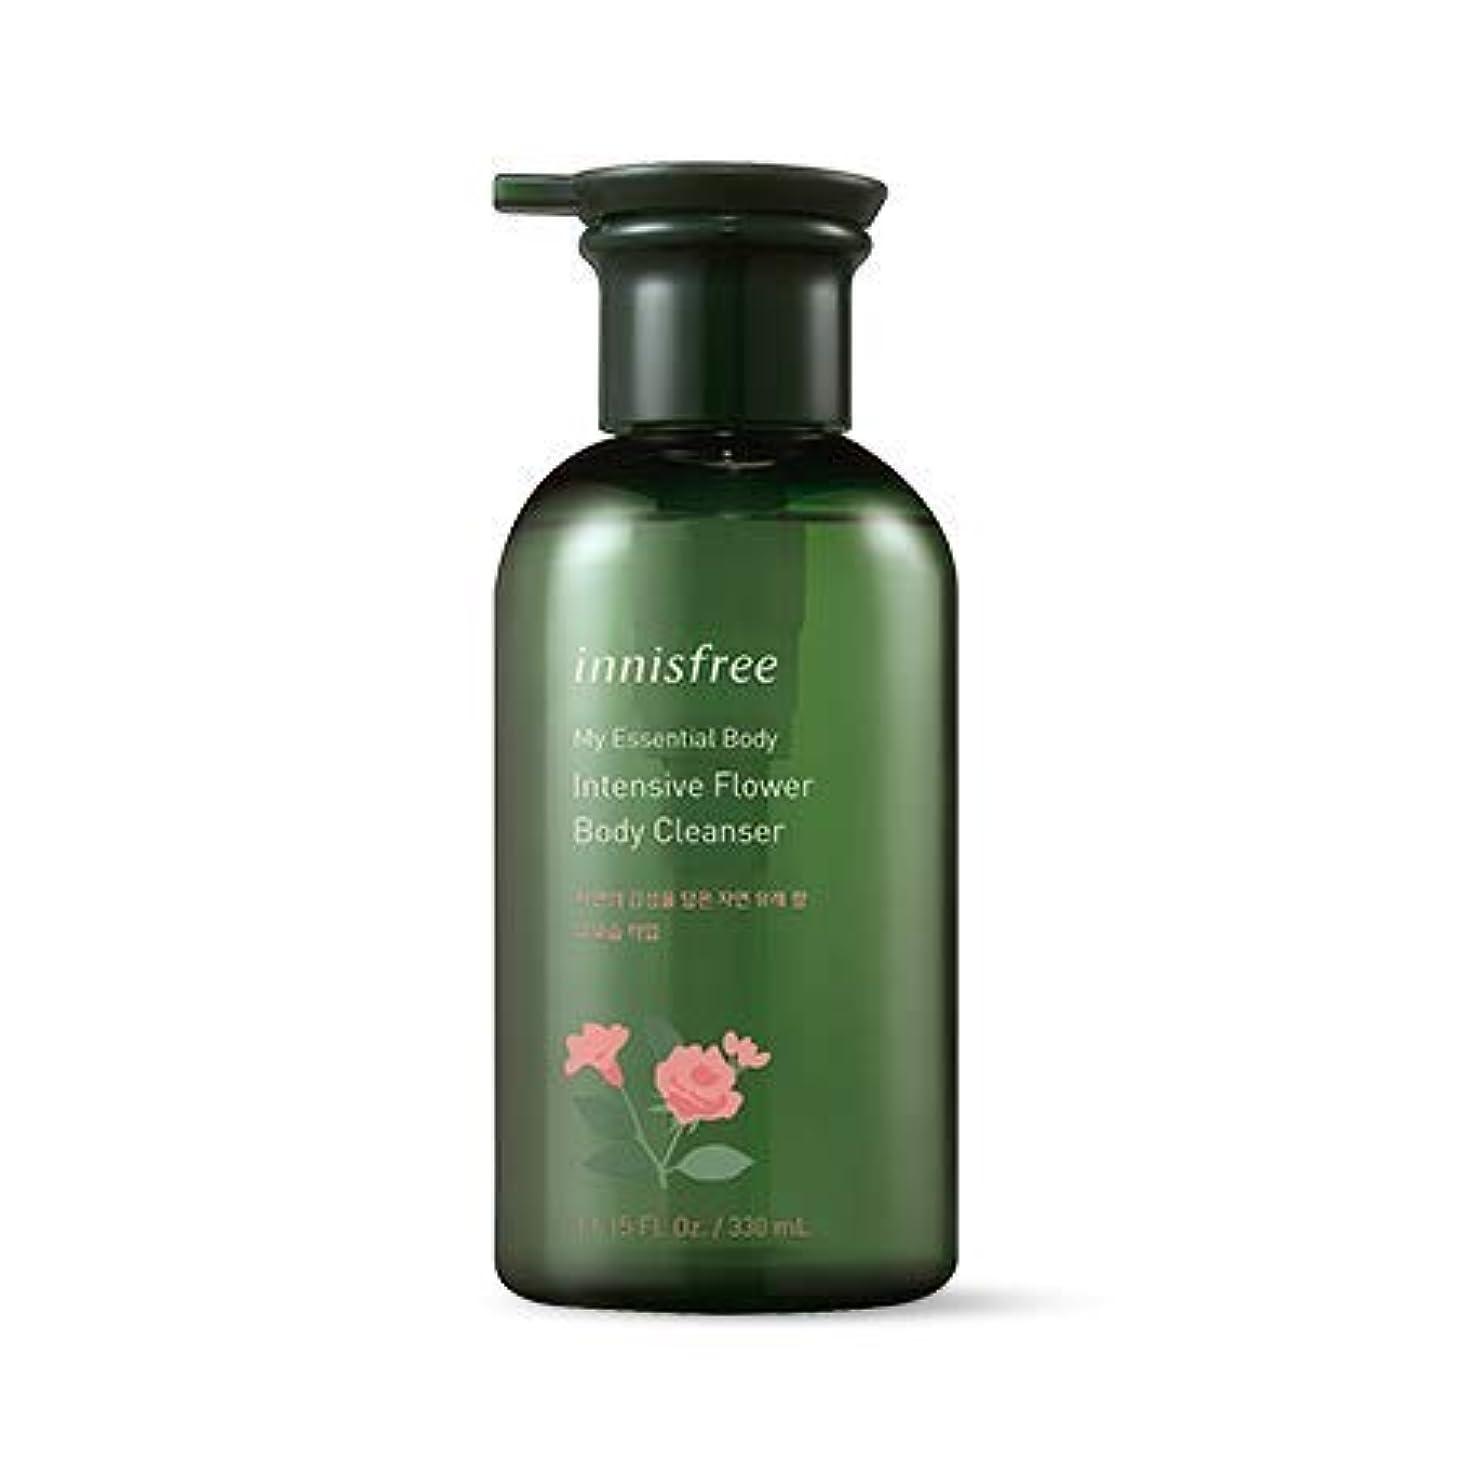 とにかく経験者強い[イニスフリー.innisfree]マイエッセンシャルボディインテンシブフラワーボディクレンザー330mL)2019 new)/ My Essential Body Intensive Flower Body Cleanser